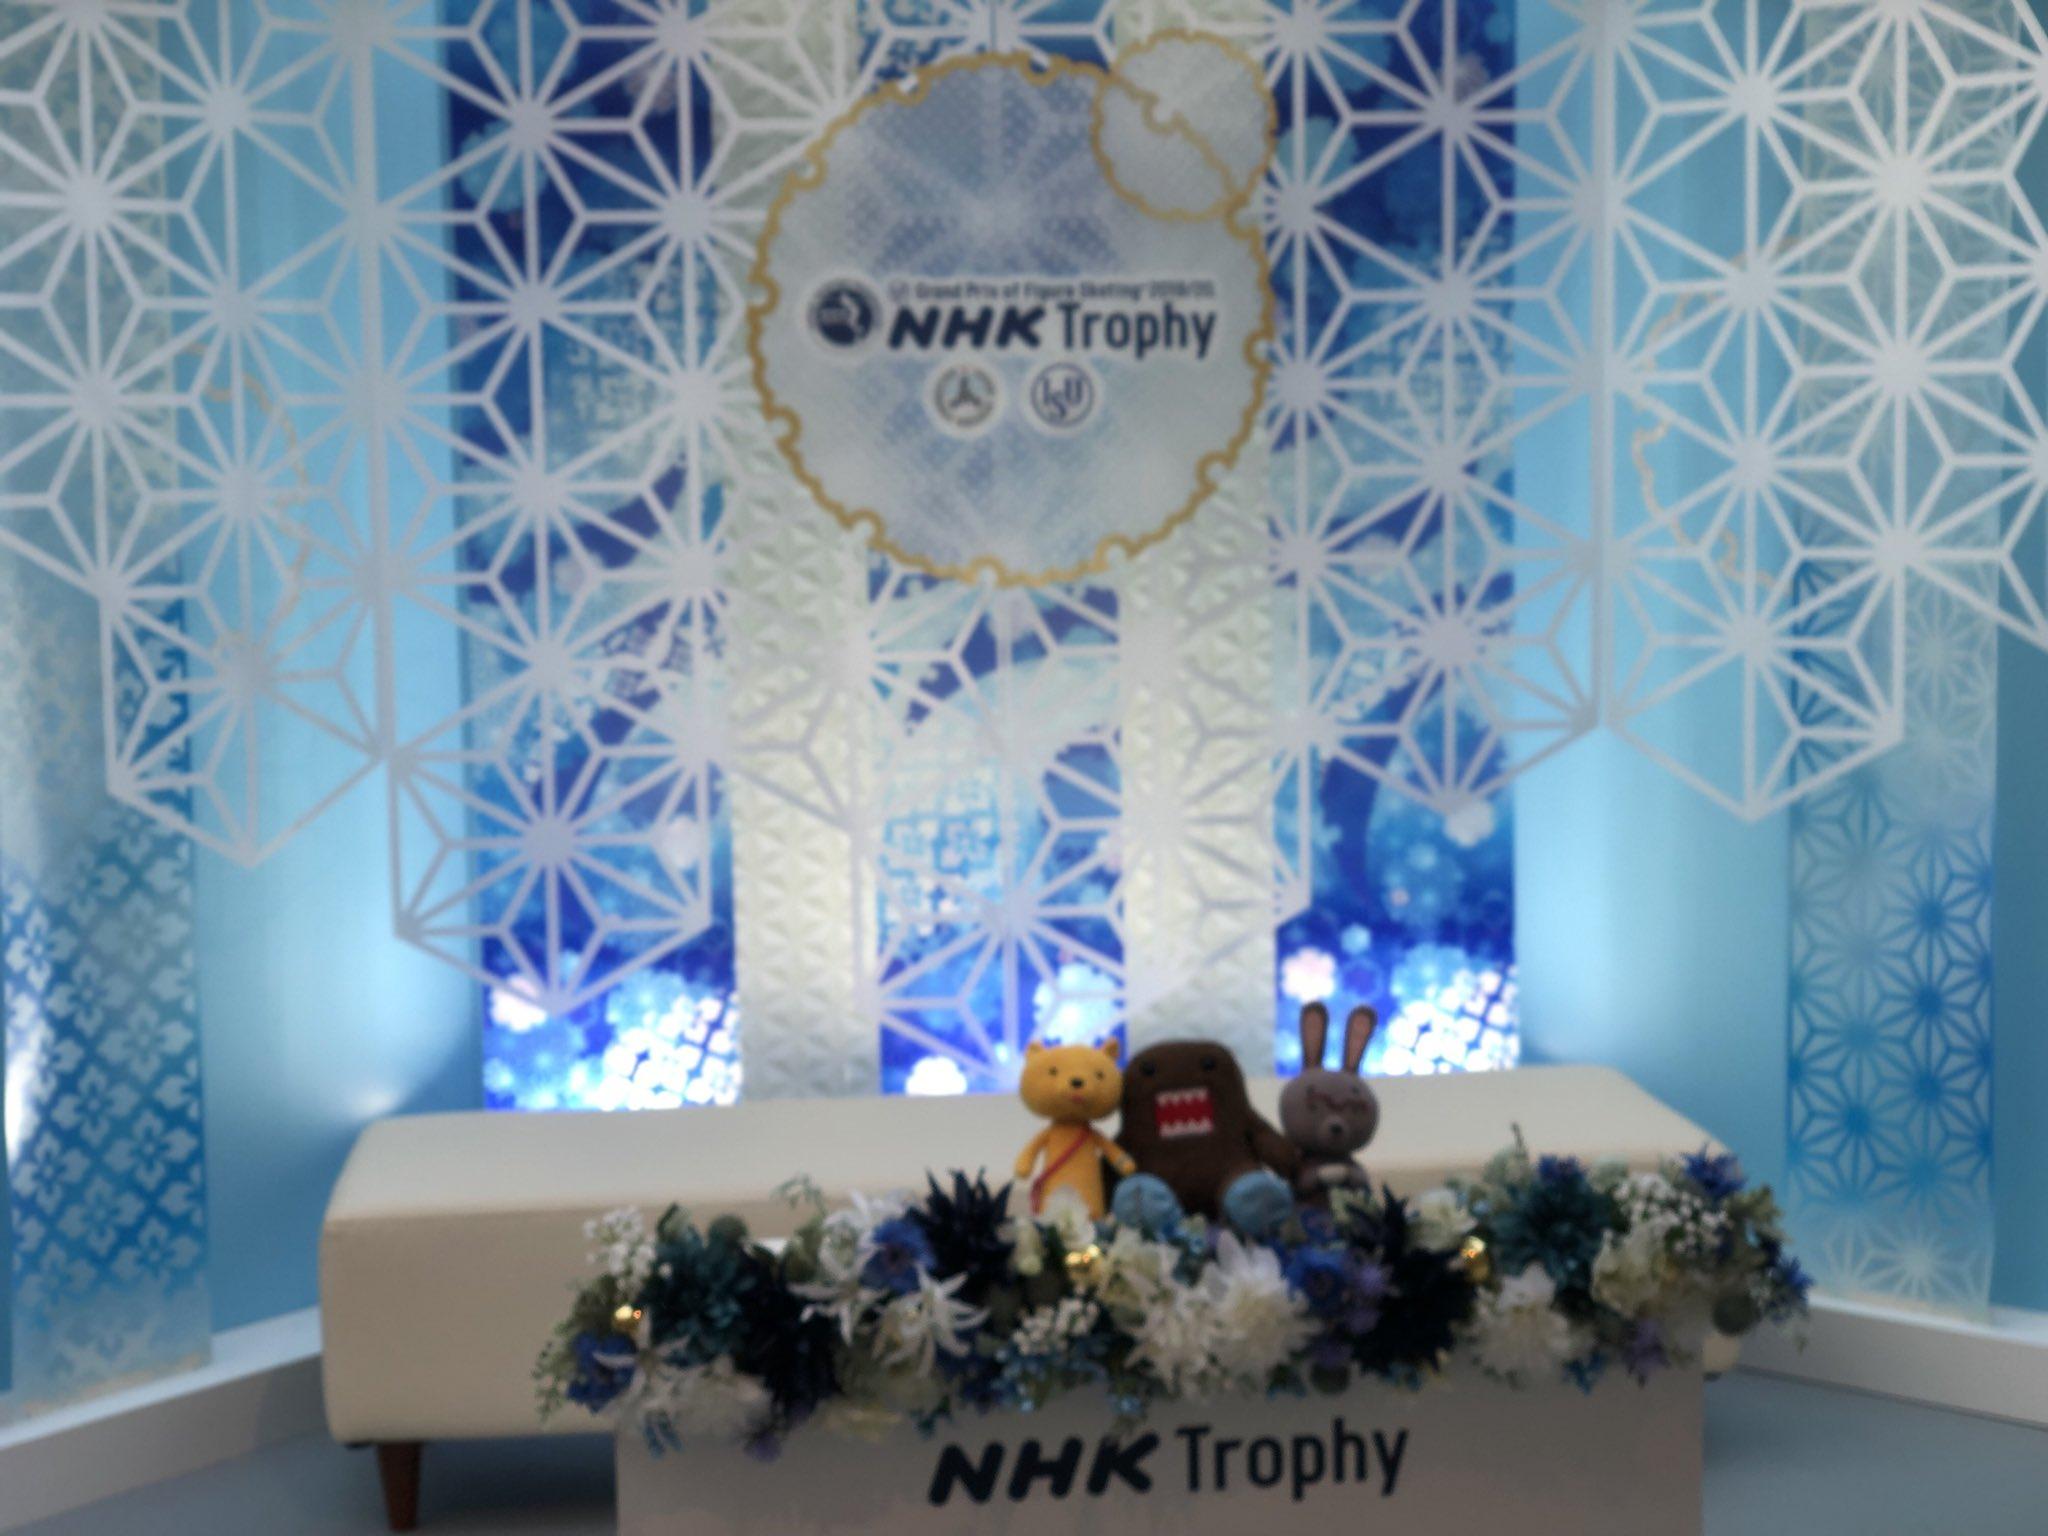 GP - 6 этап. NHK Trophy Sapporo / JPN November 22-24, 2019 EJdTZ-XU8AACNn_?format=jpg&name=4096x4096